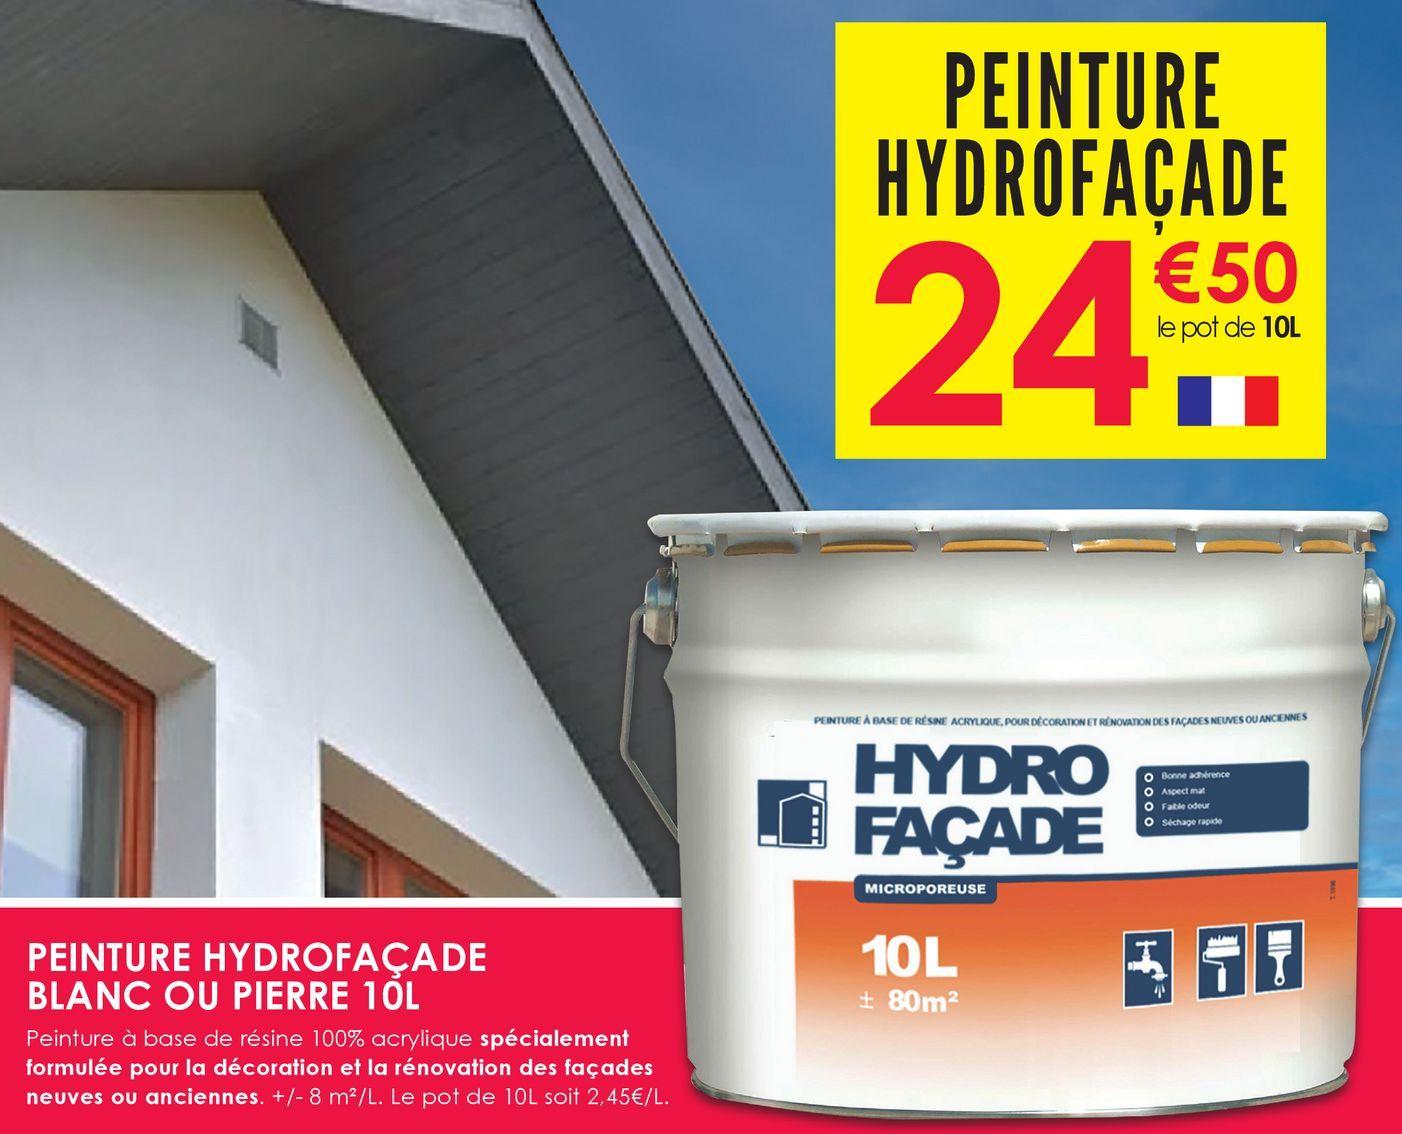 Peinture Hydrofaçade  offre à 24,5€